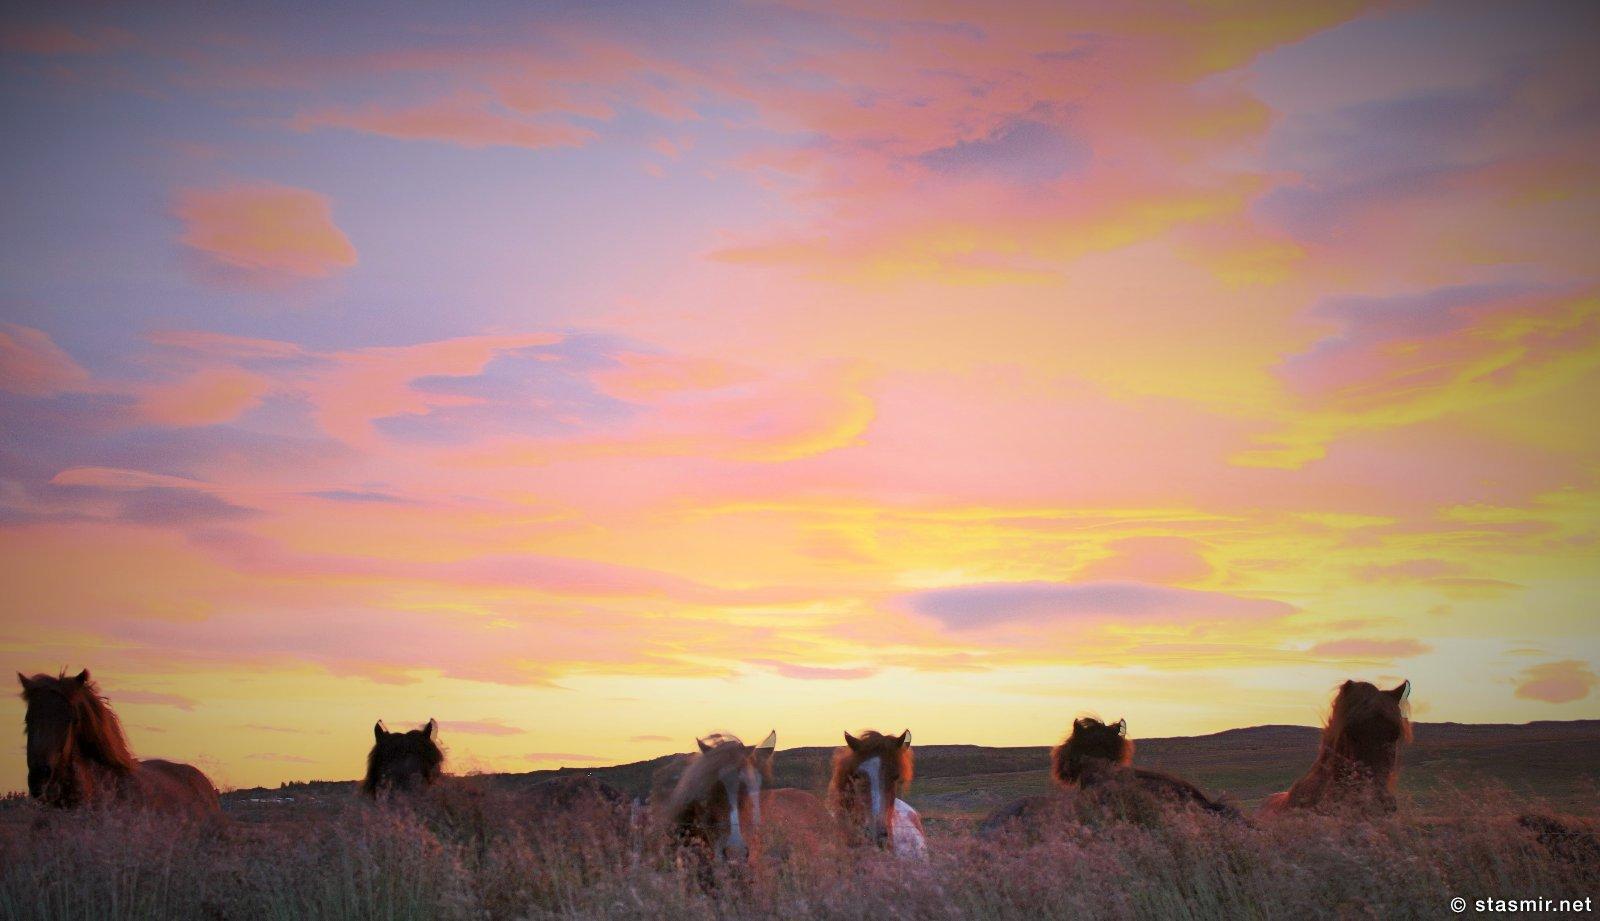 поля и лошади на ферме Нес, Рейкхольт, фото Стасмир, photo Stasmir, Серебряное кольцо Исландии, исландские лошадки